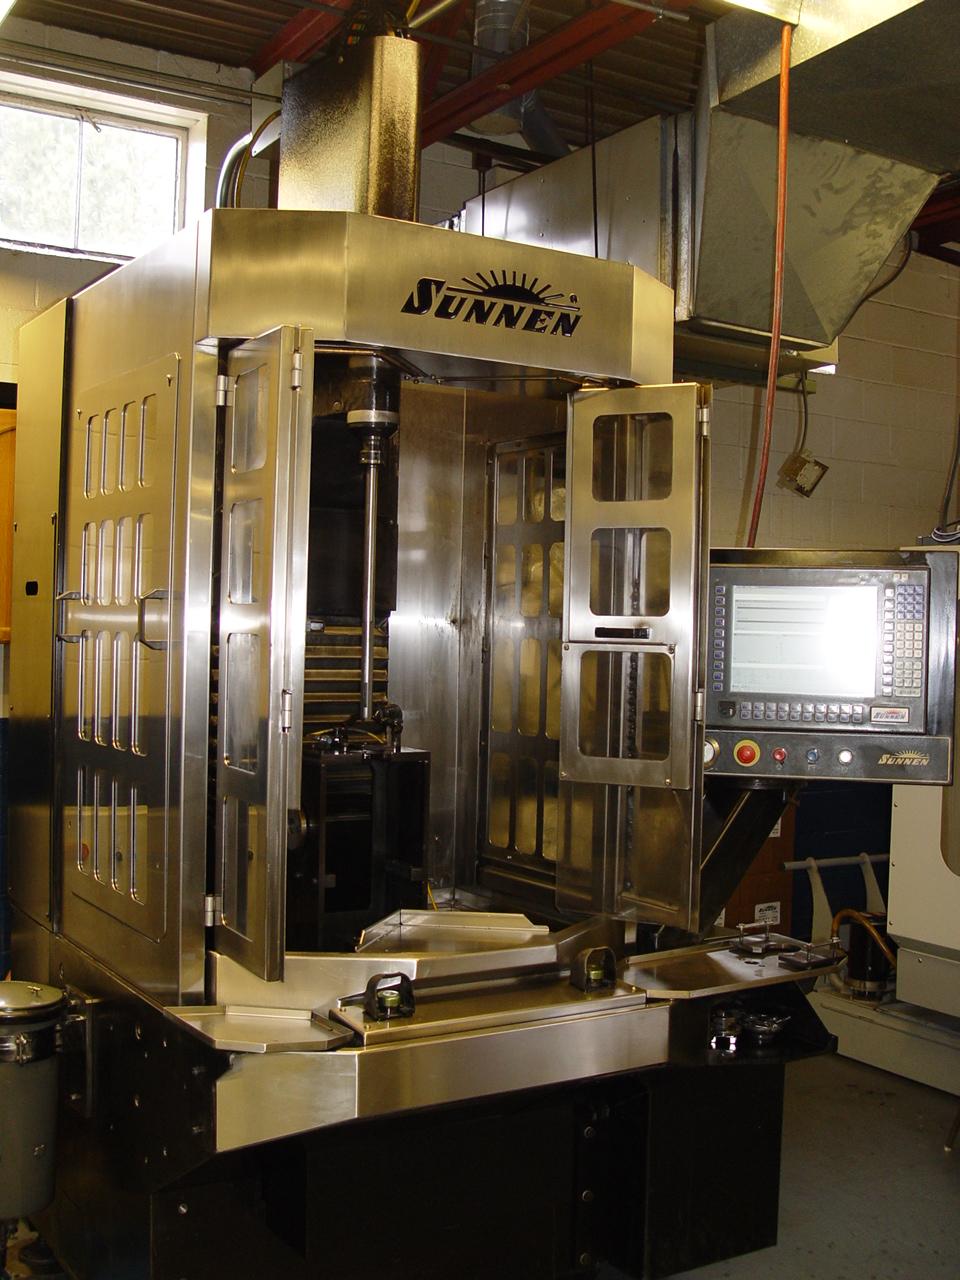 Sunnen Vertical Hone Model SV-1010 Honing Machine